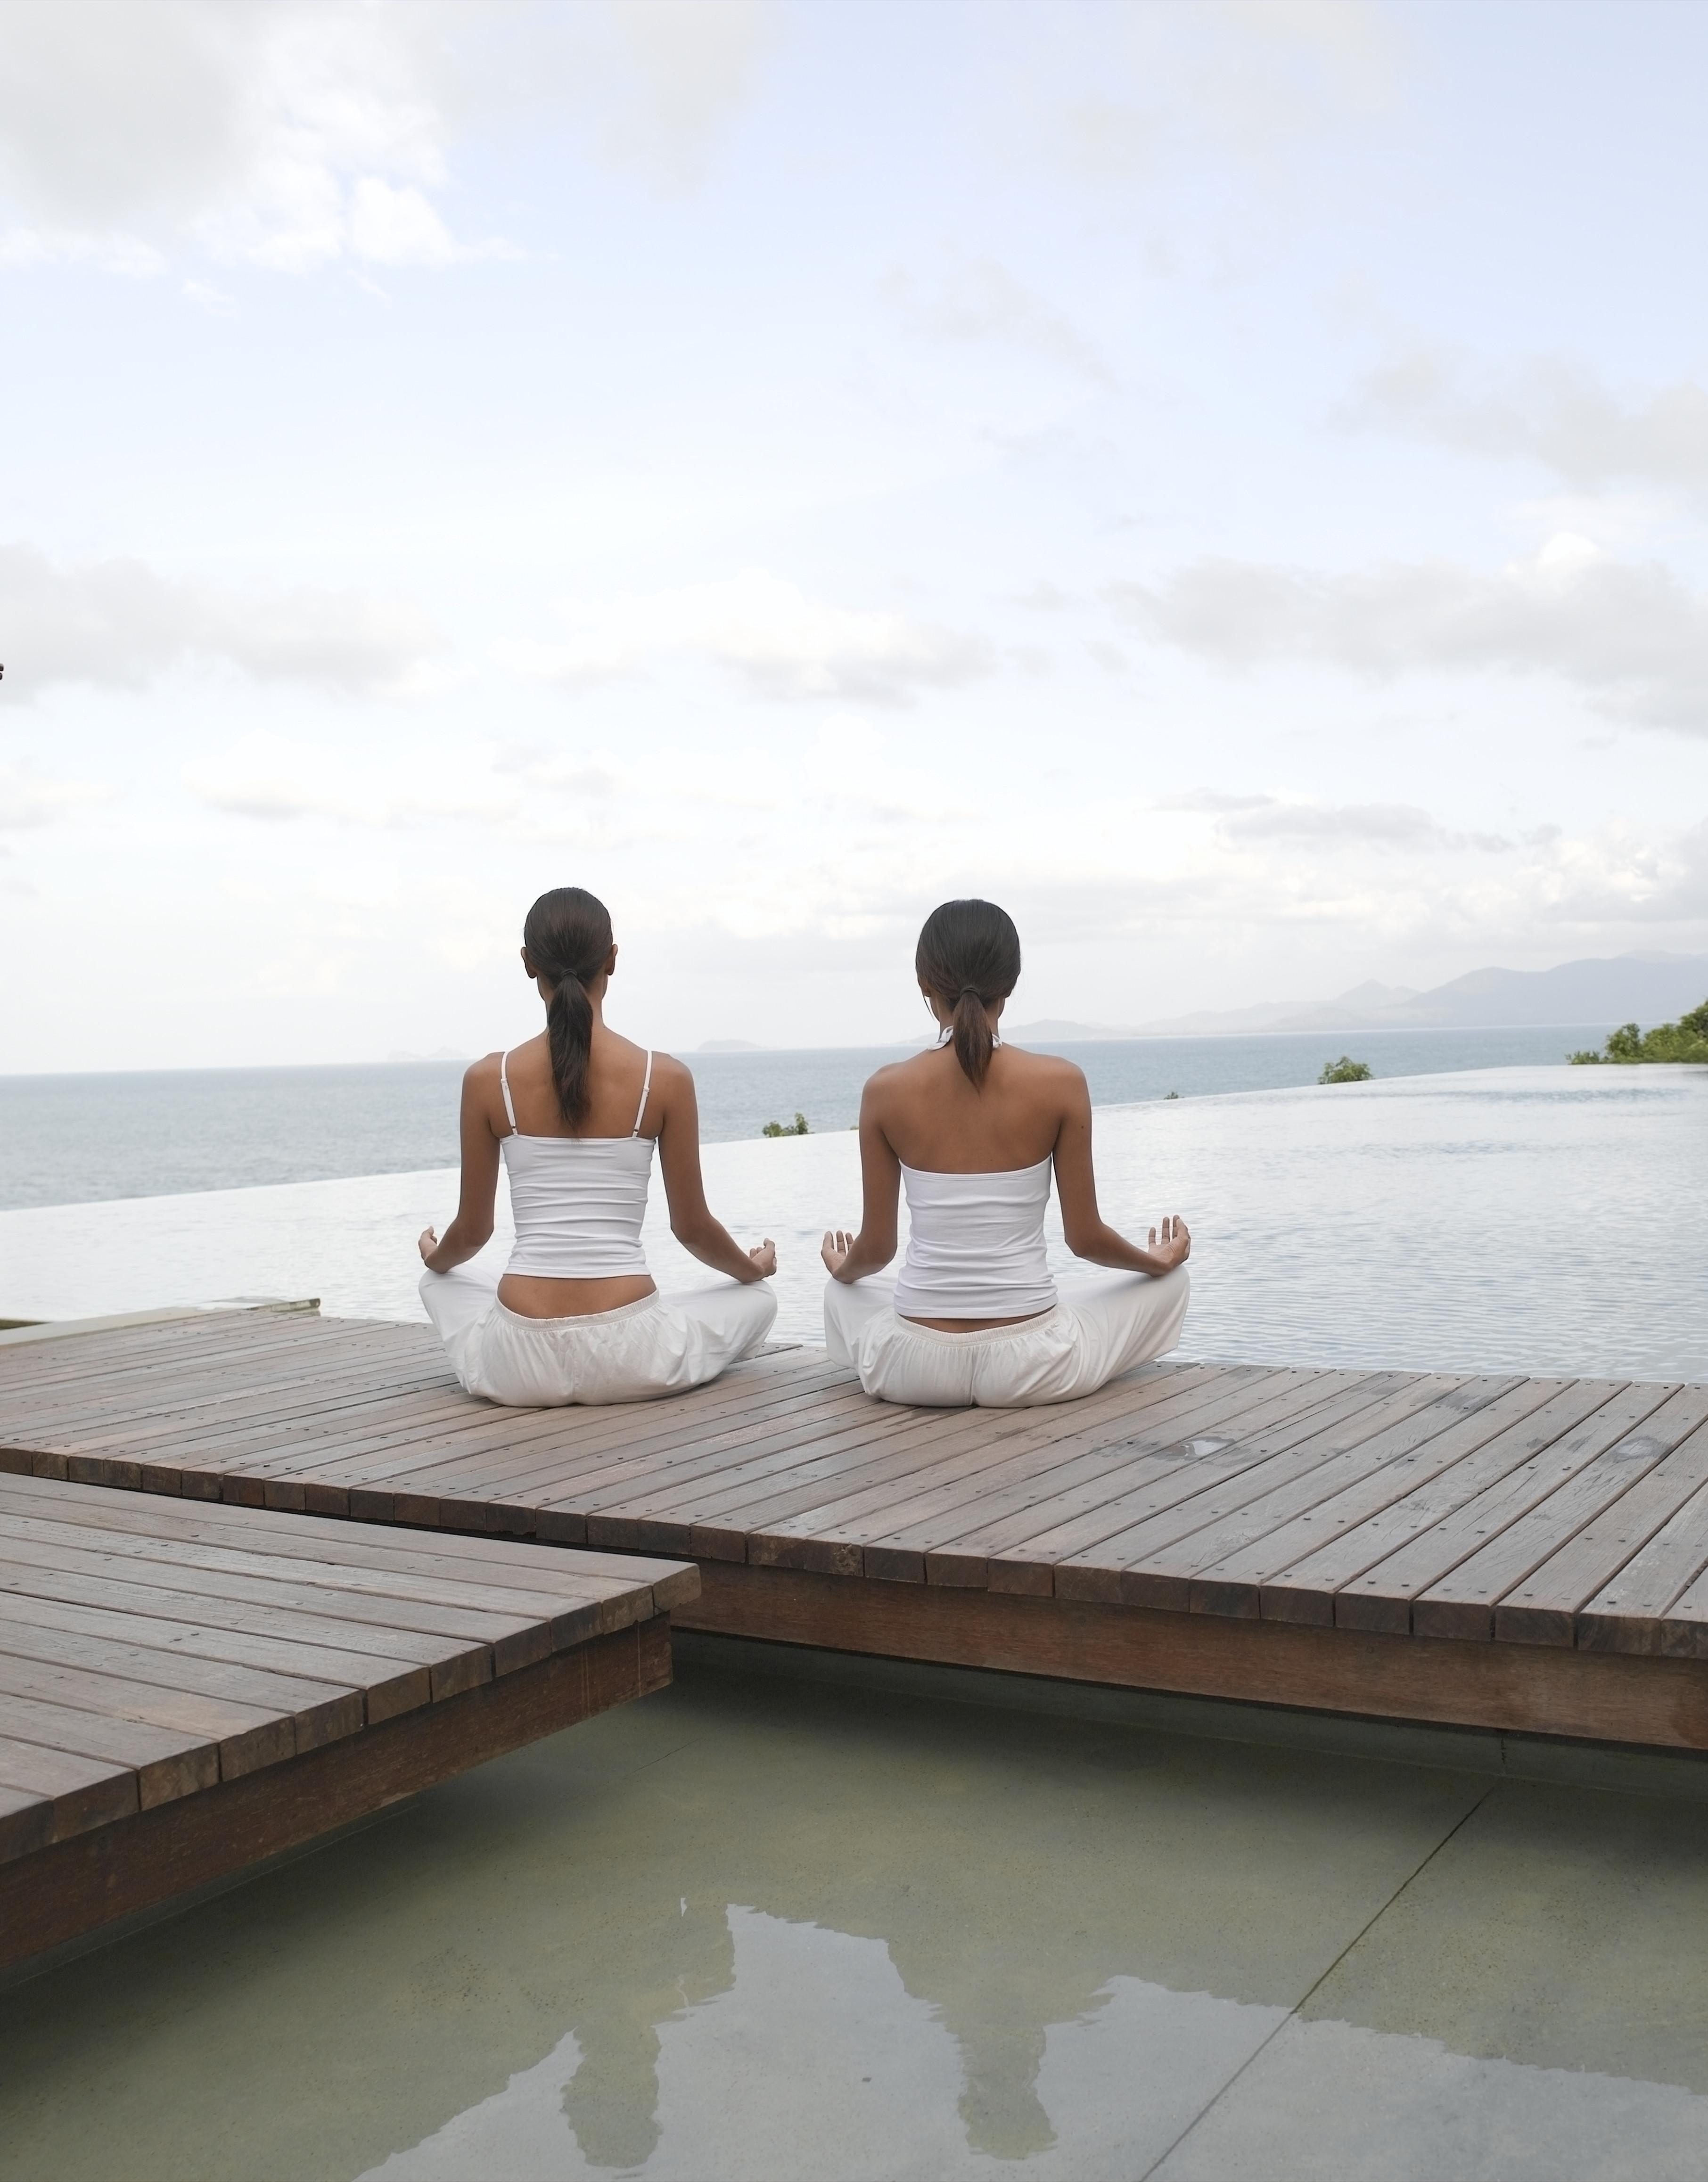 Two women meditating on boardwalk facing ocean, rear view